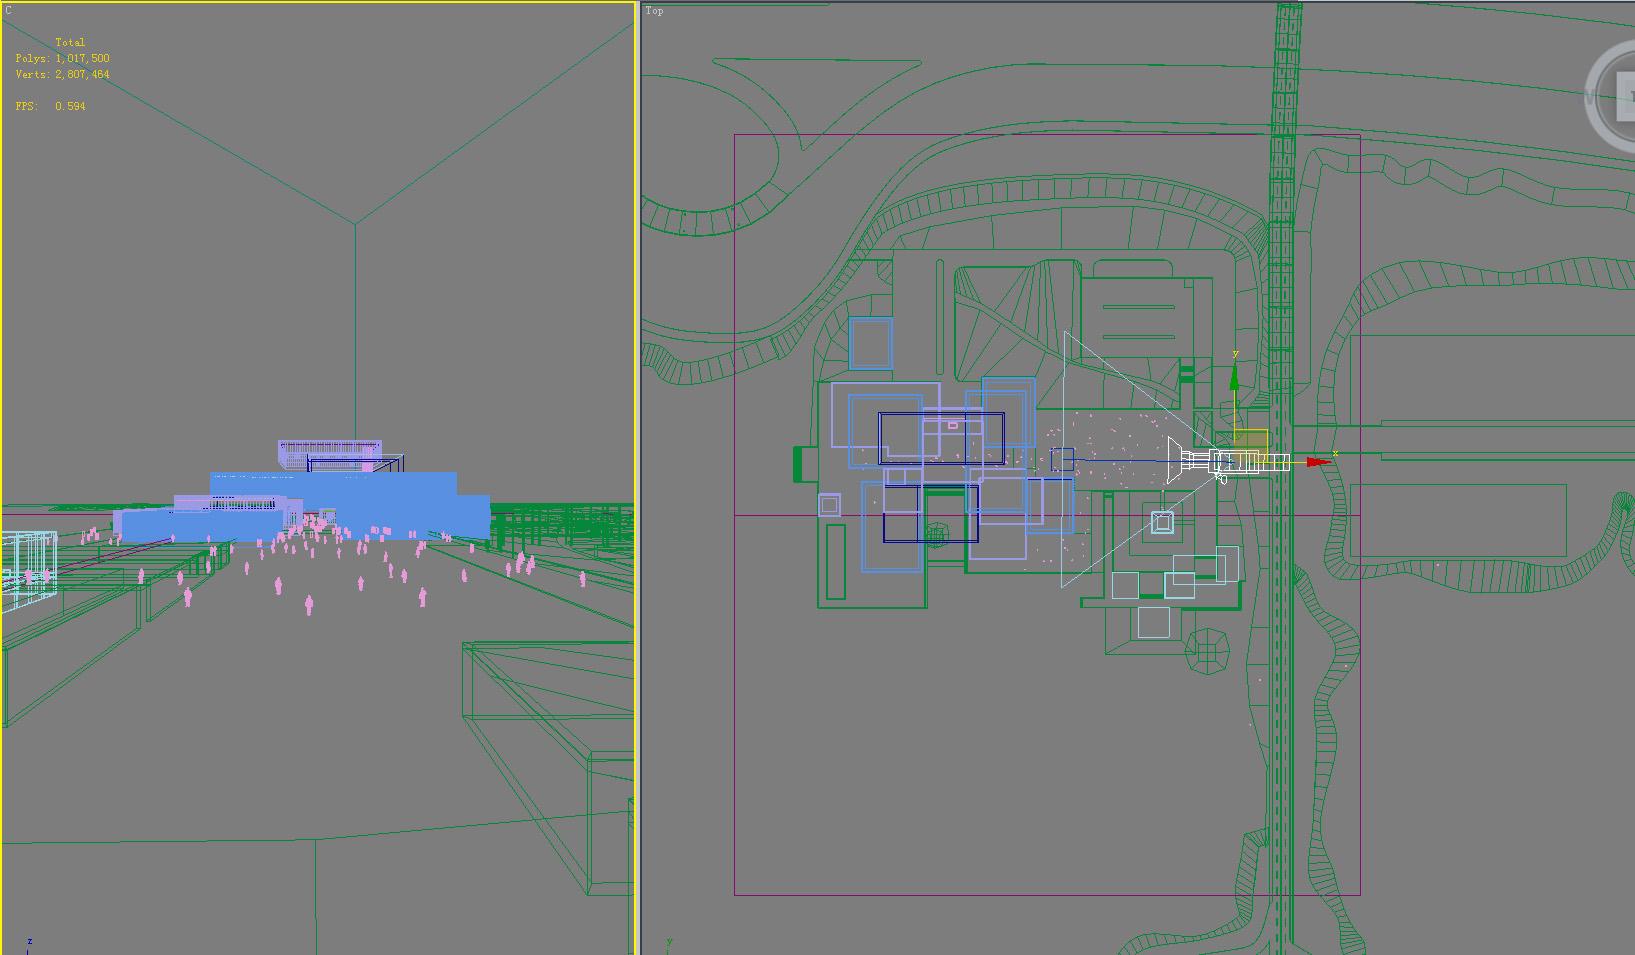 building 609 3d model max psd 126970